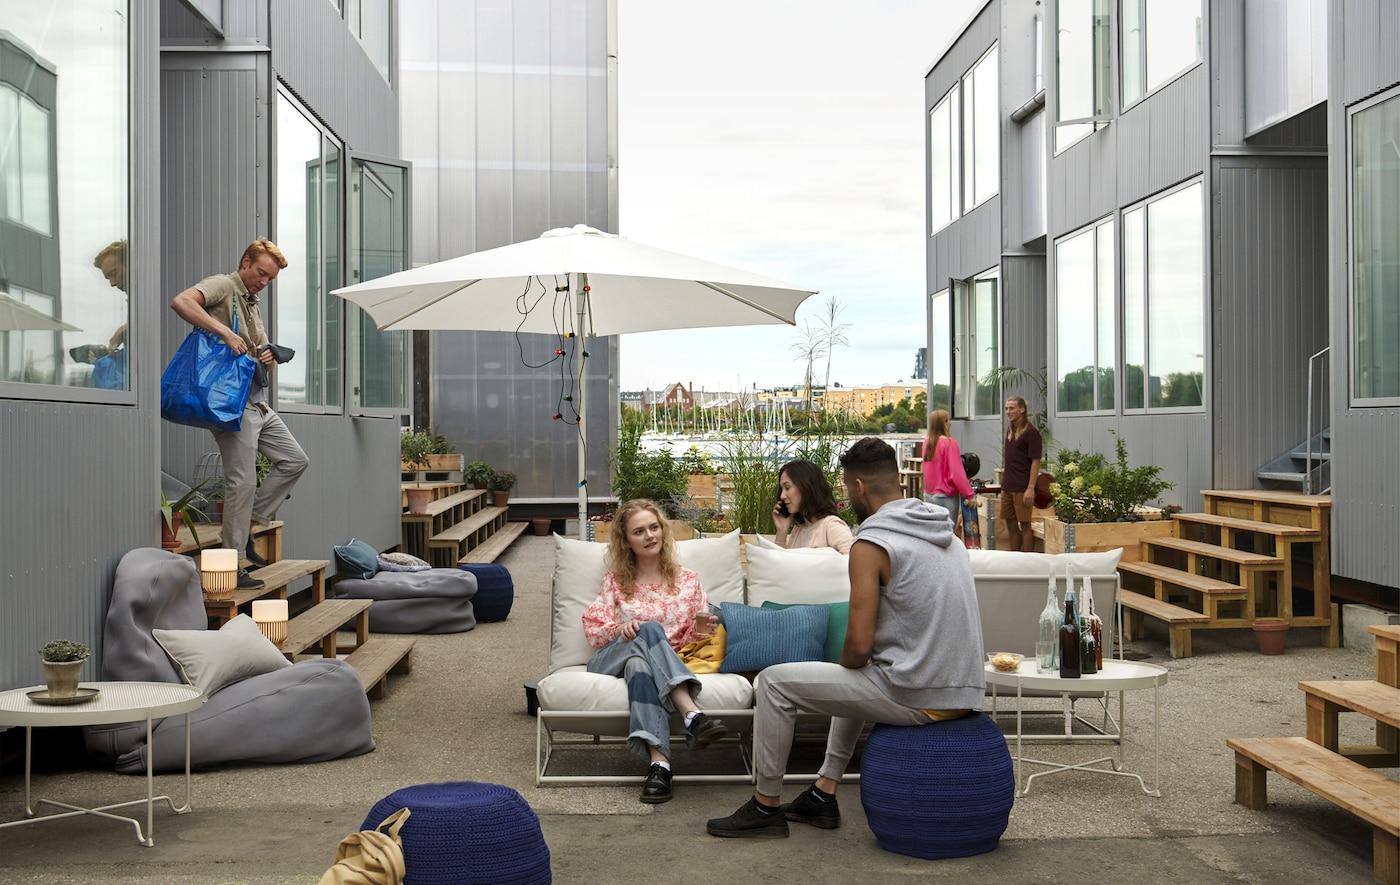 Menschen wohnen auf kleinem Raum und sitzen im Außenbereich zwischen Schiffscontainern.